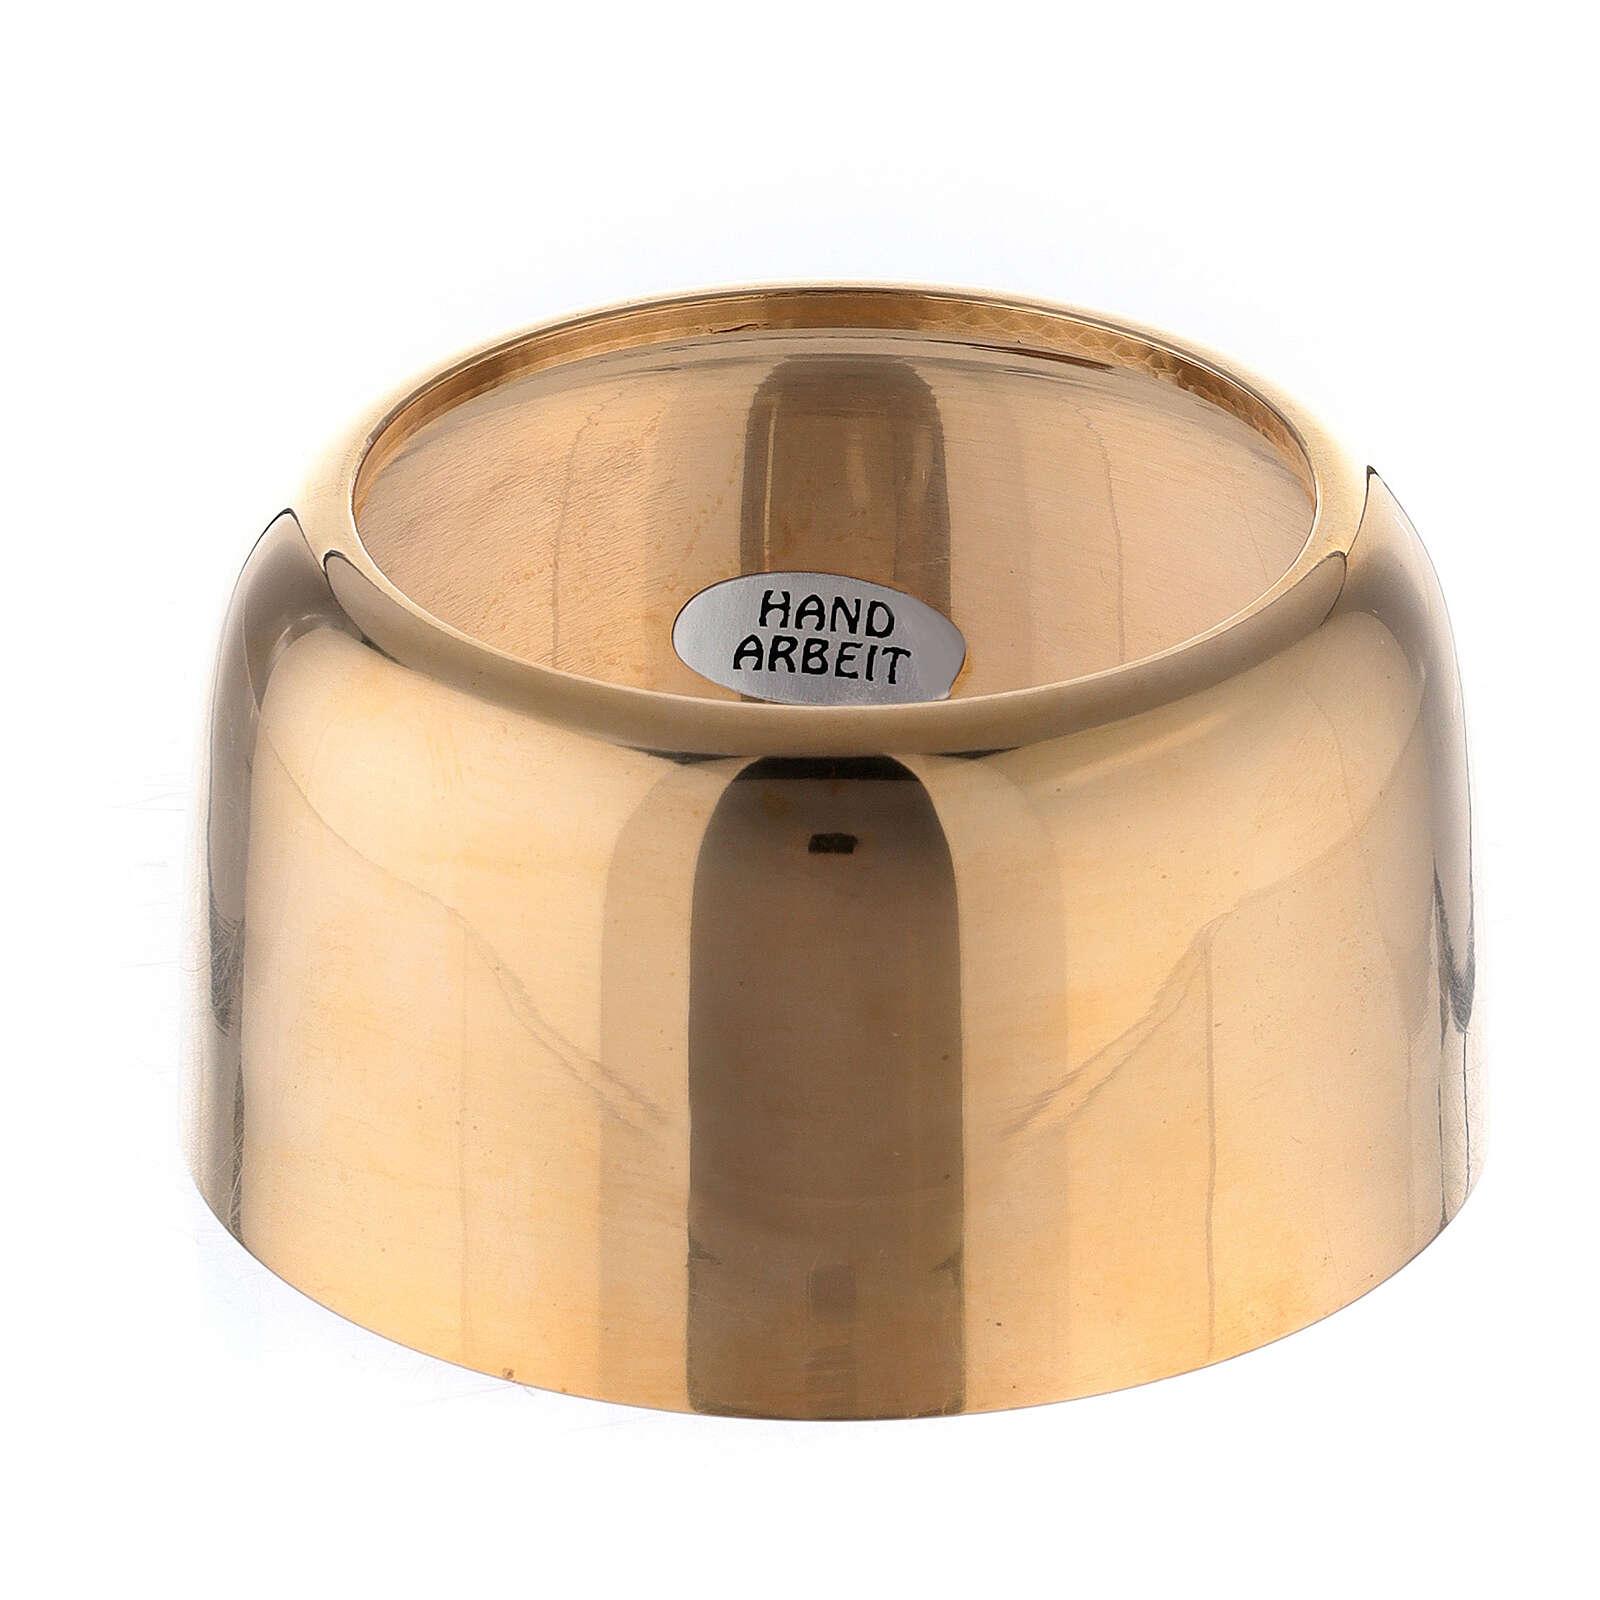 Base porta-vela em latão dourado diâm. 2 cm 4